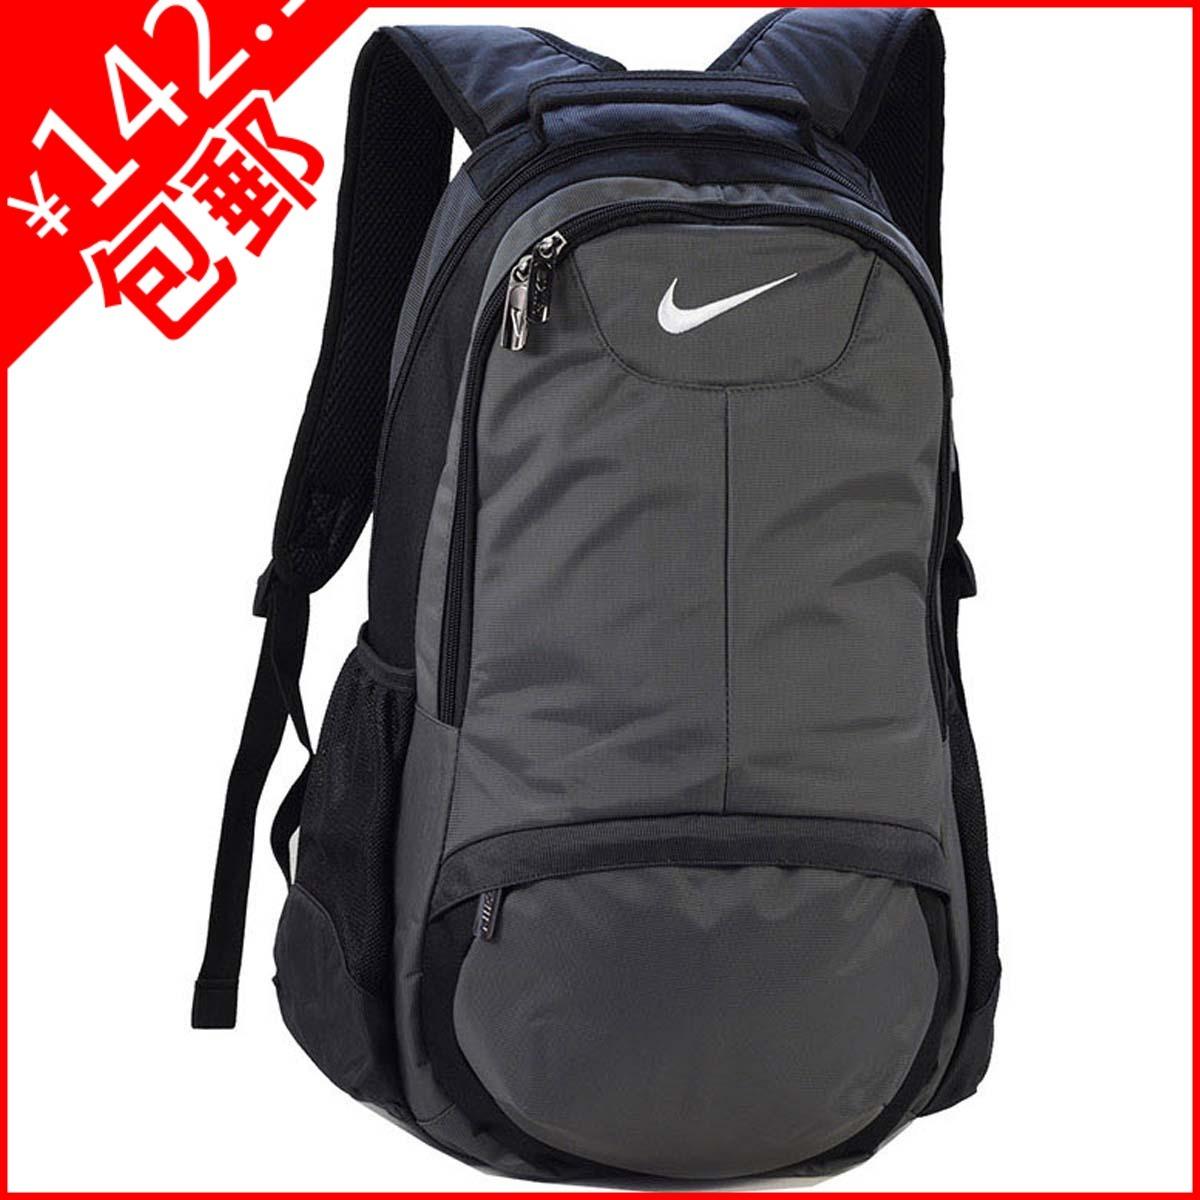 2012新款耐克双肩包中学生书包nike背包男女电脑包旅行包包邮正品图片